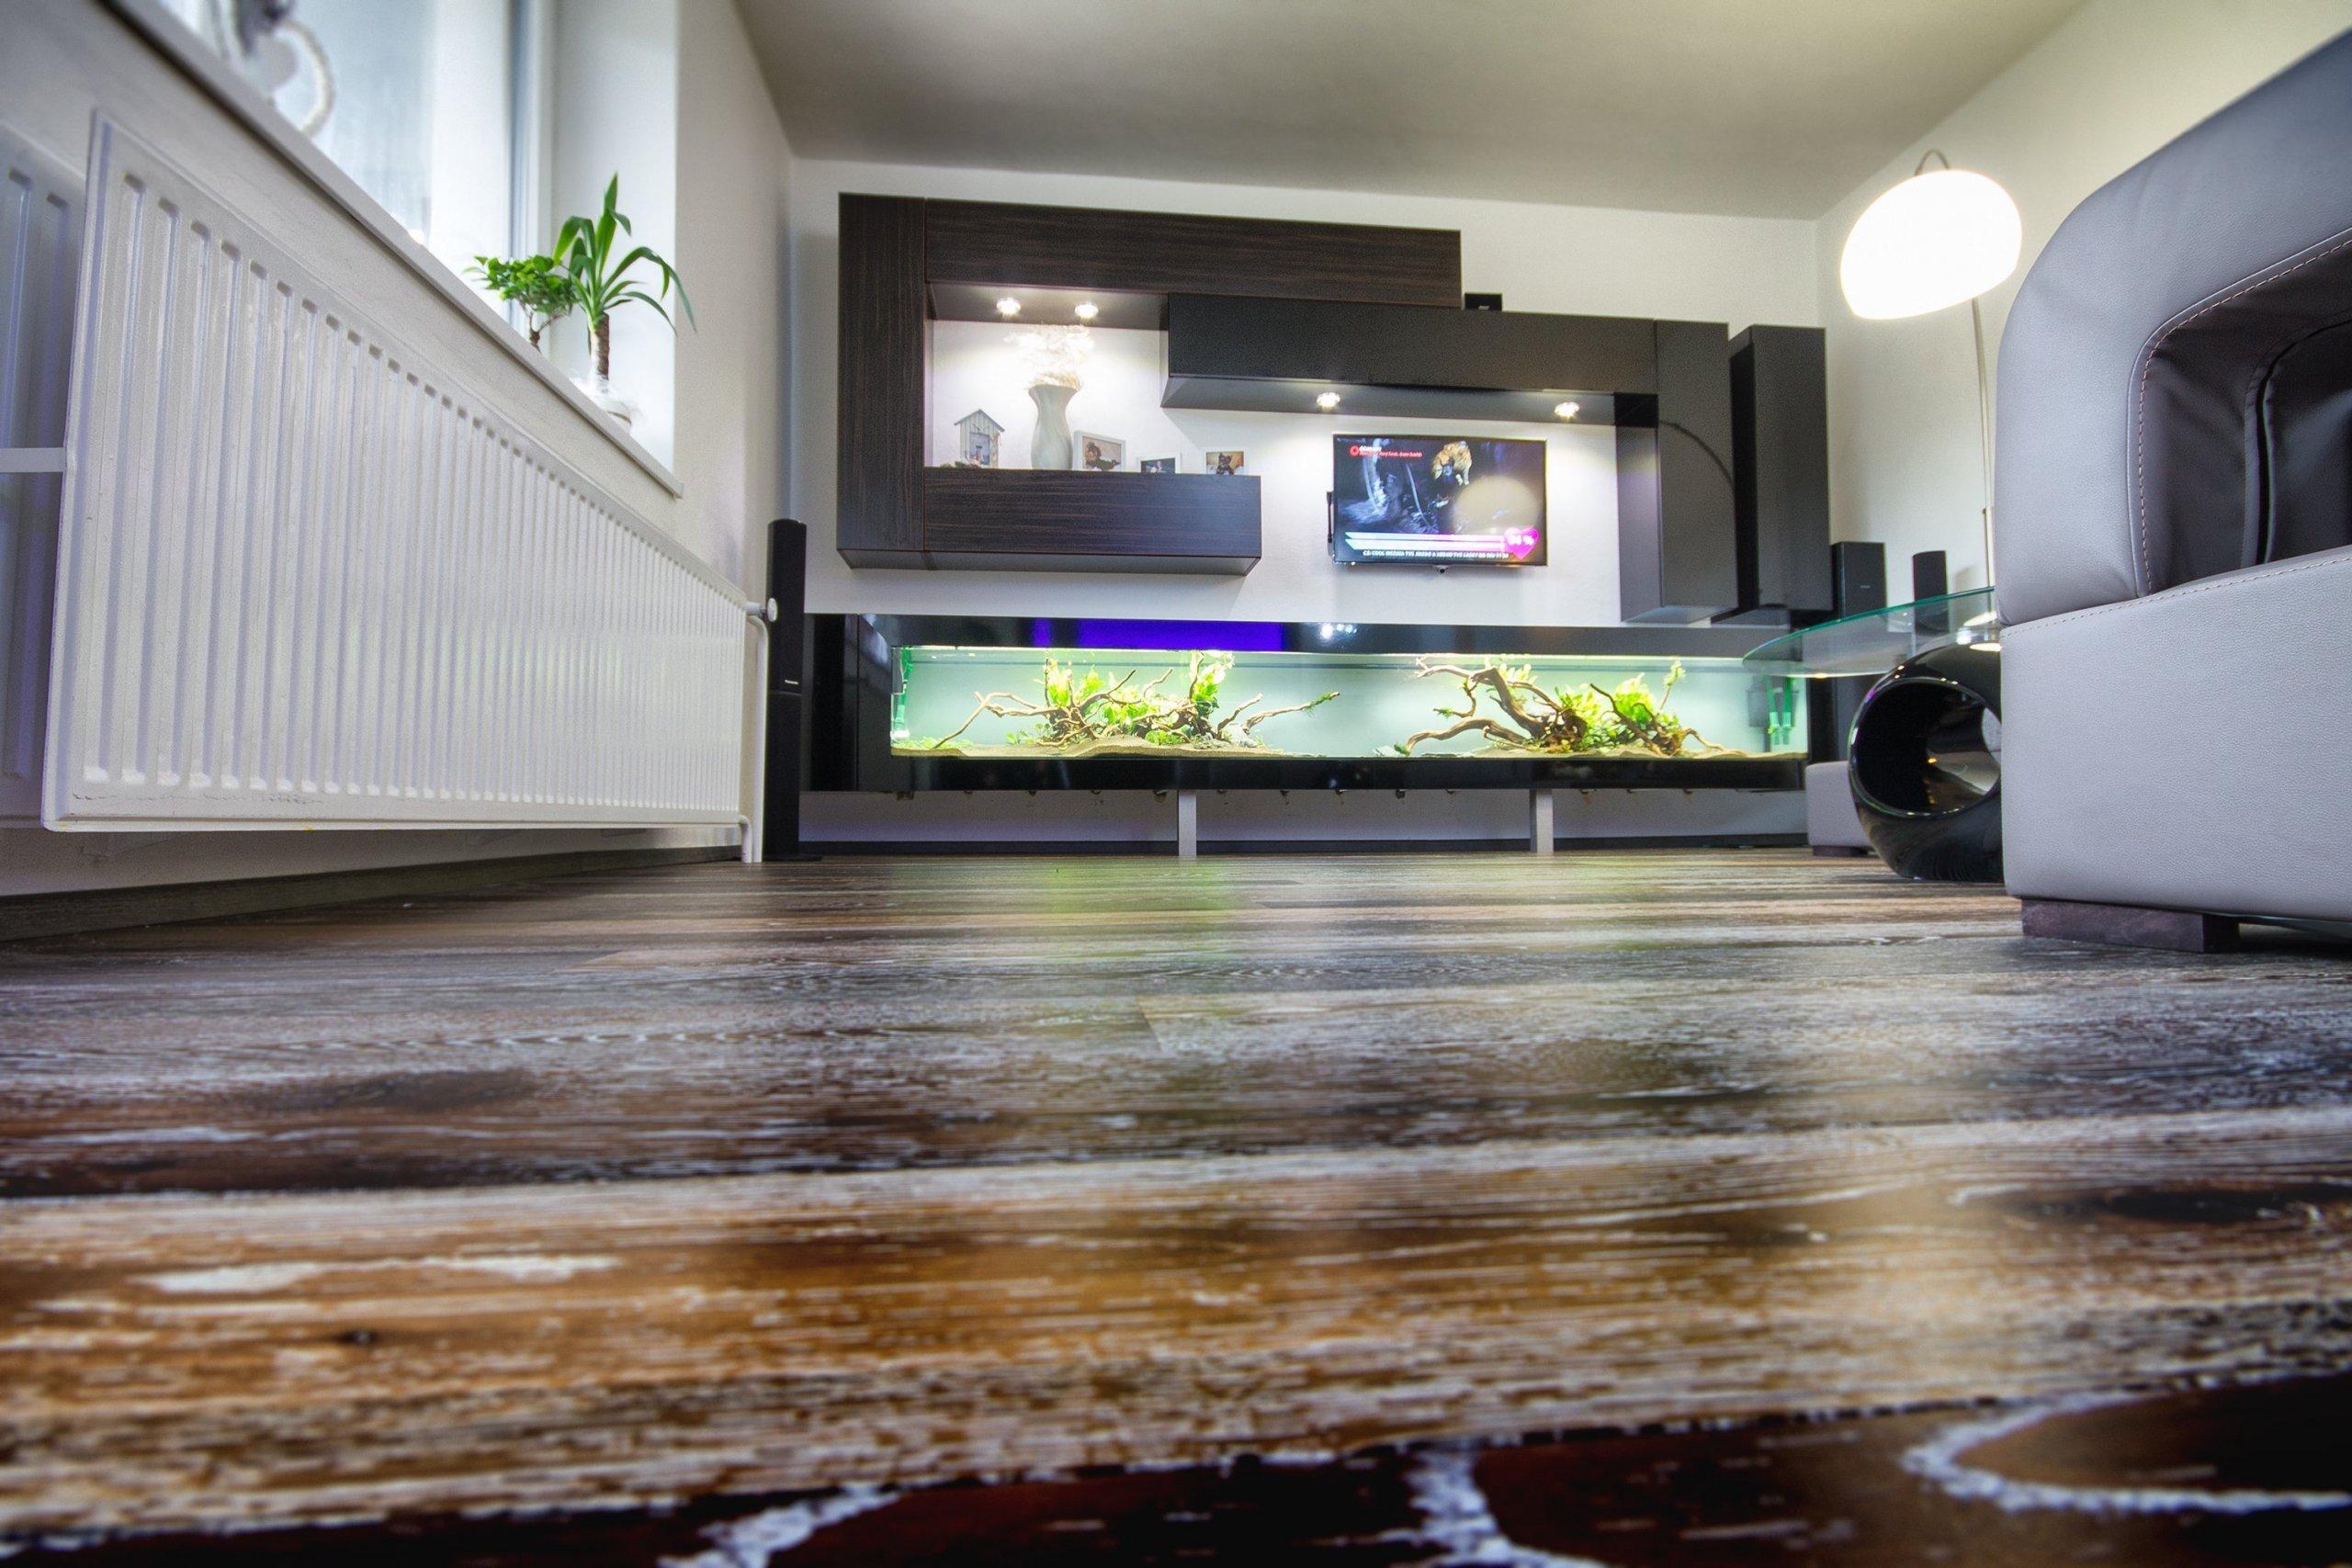 Rekonstrukce rodiného domu přinesla zajímavé řešení bydlení. Dominantou obývacího pokoje je velké akvárium,délka 3,2mlepené na místě u klienta.…